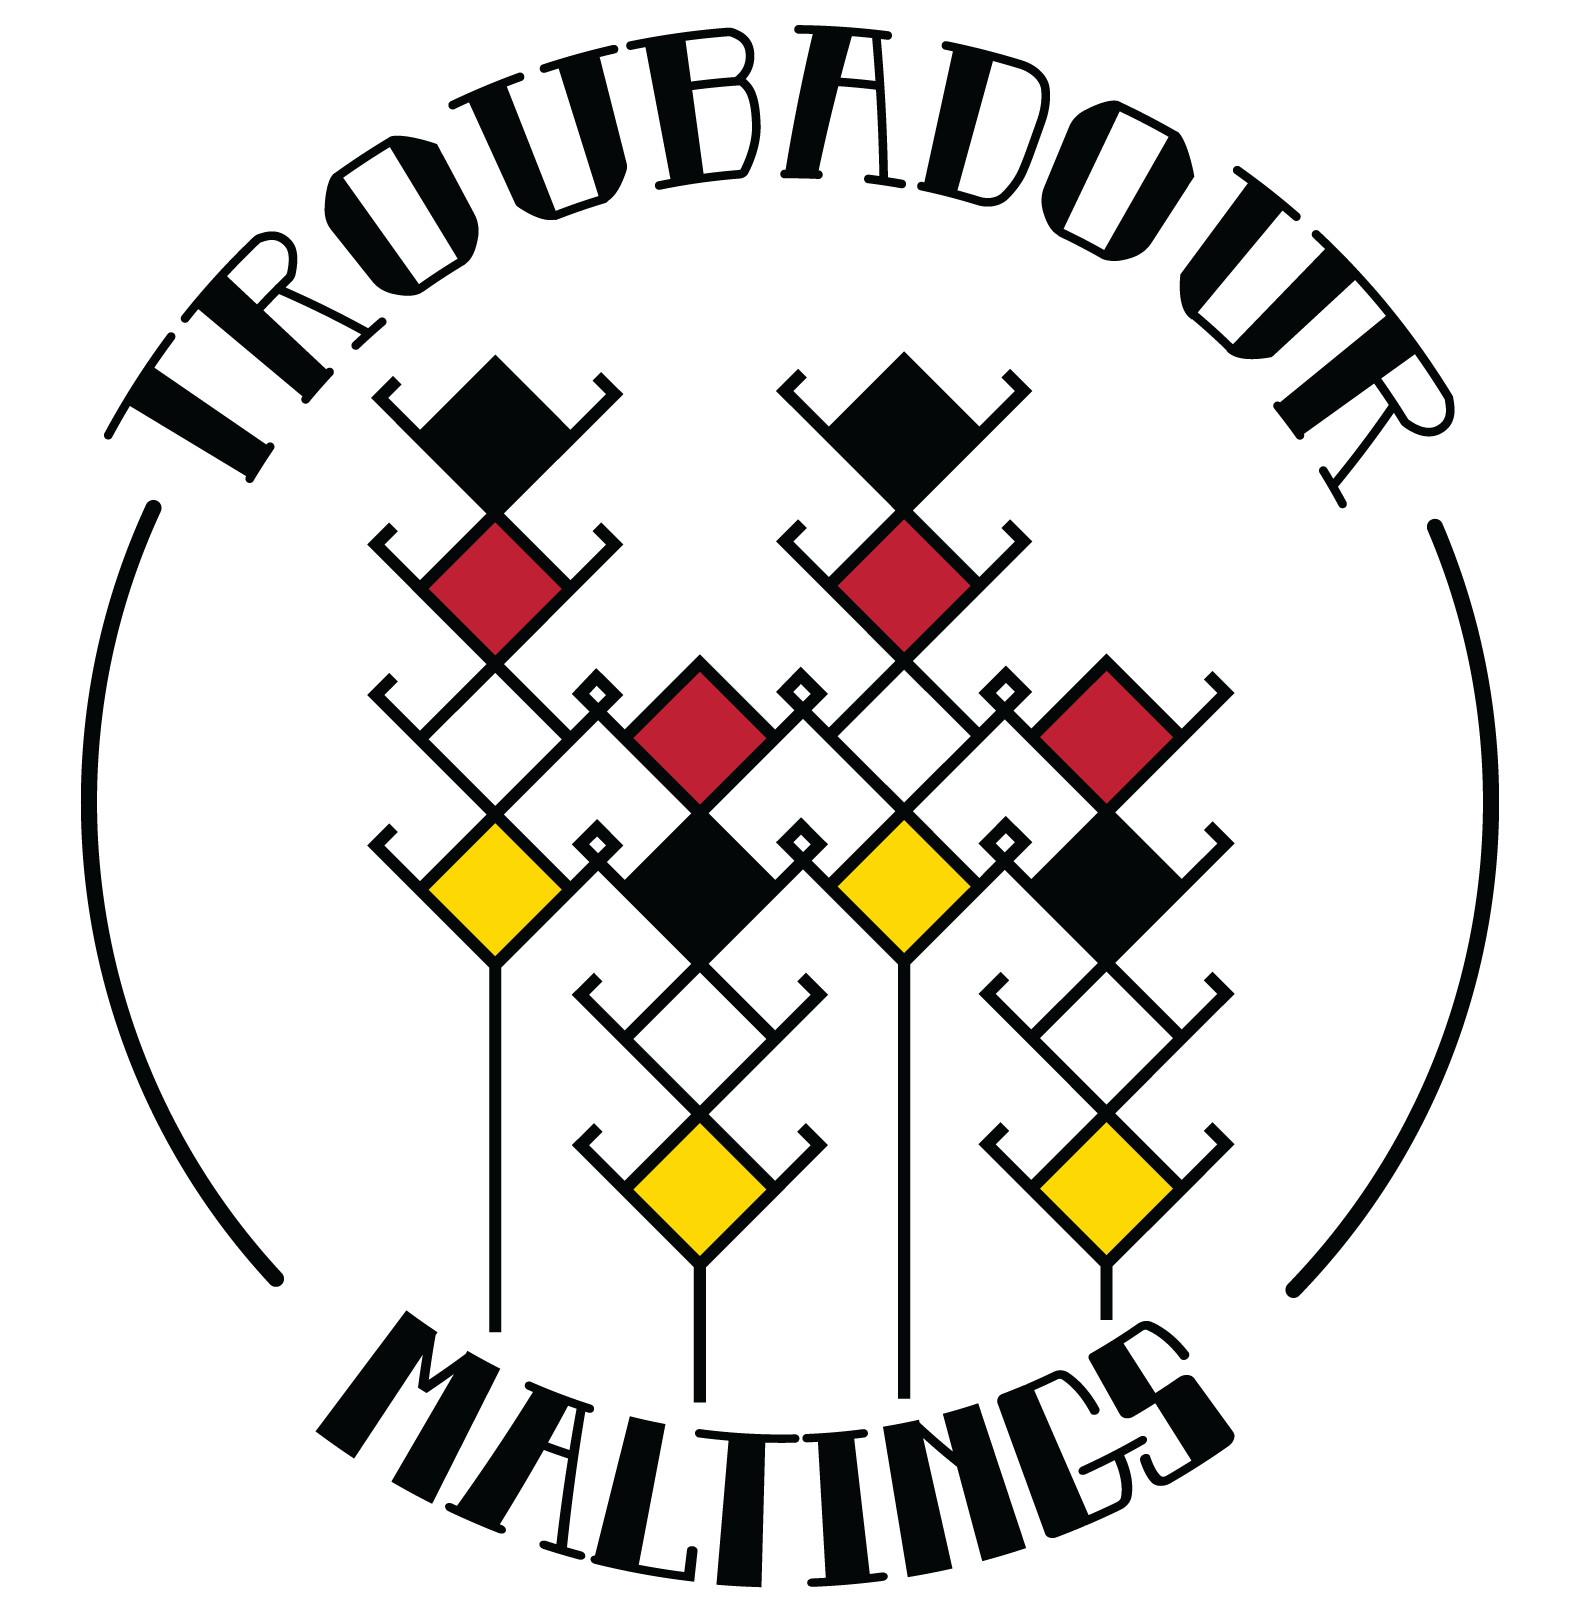 Troubadour pevec base lb. Grain clipart malt